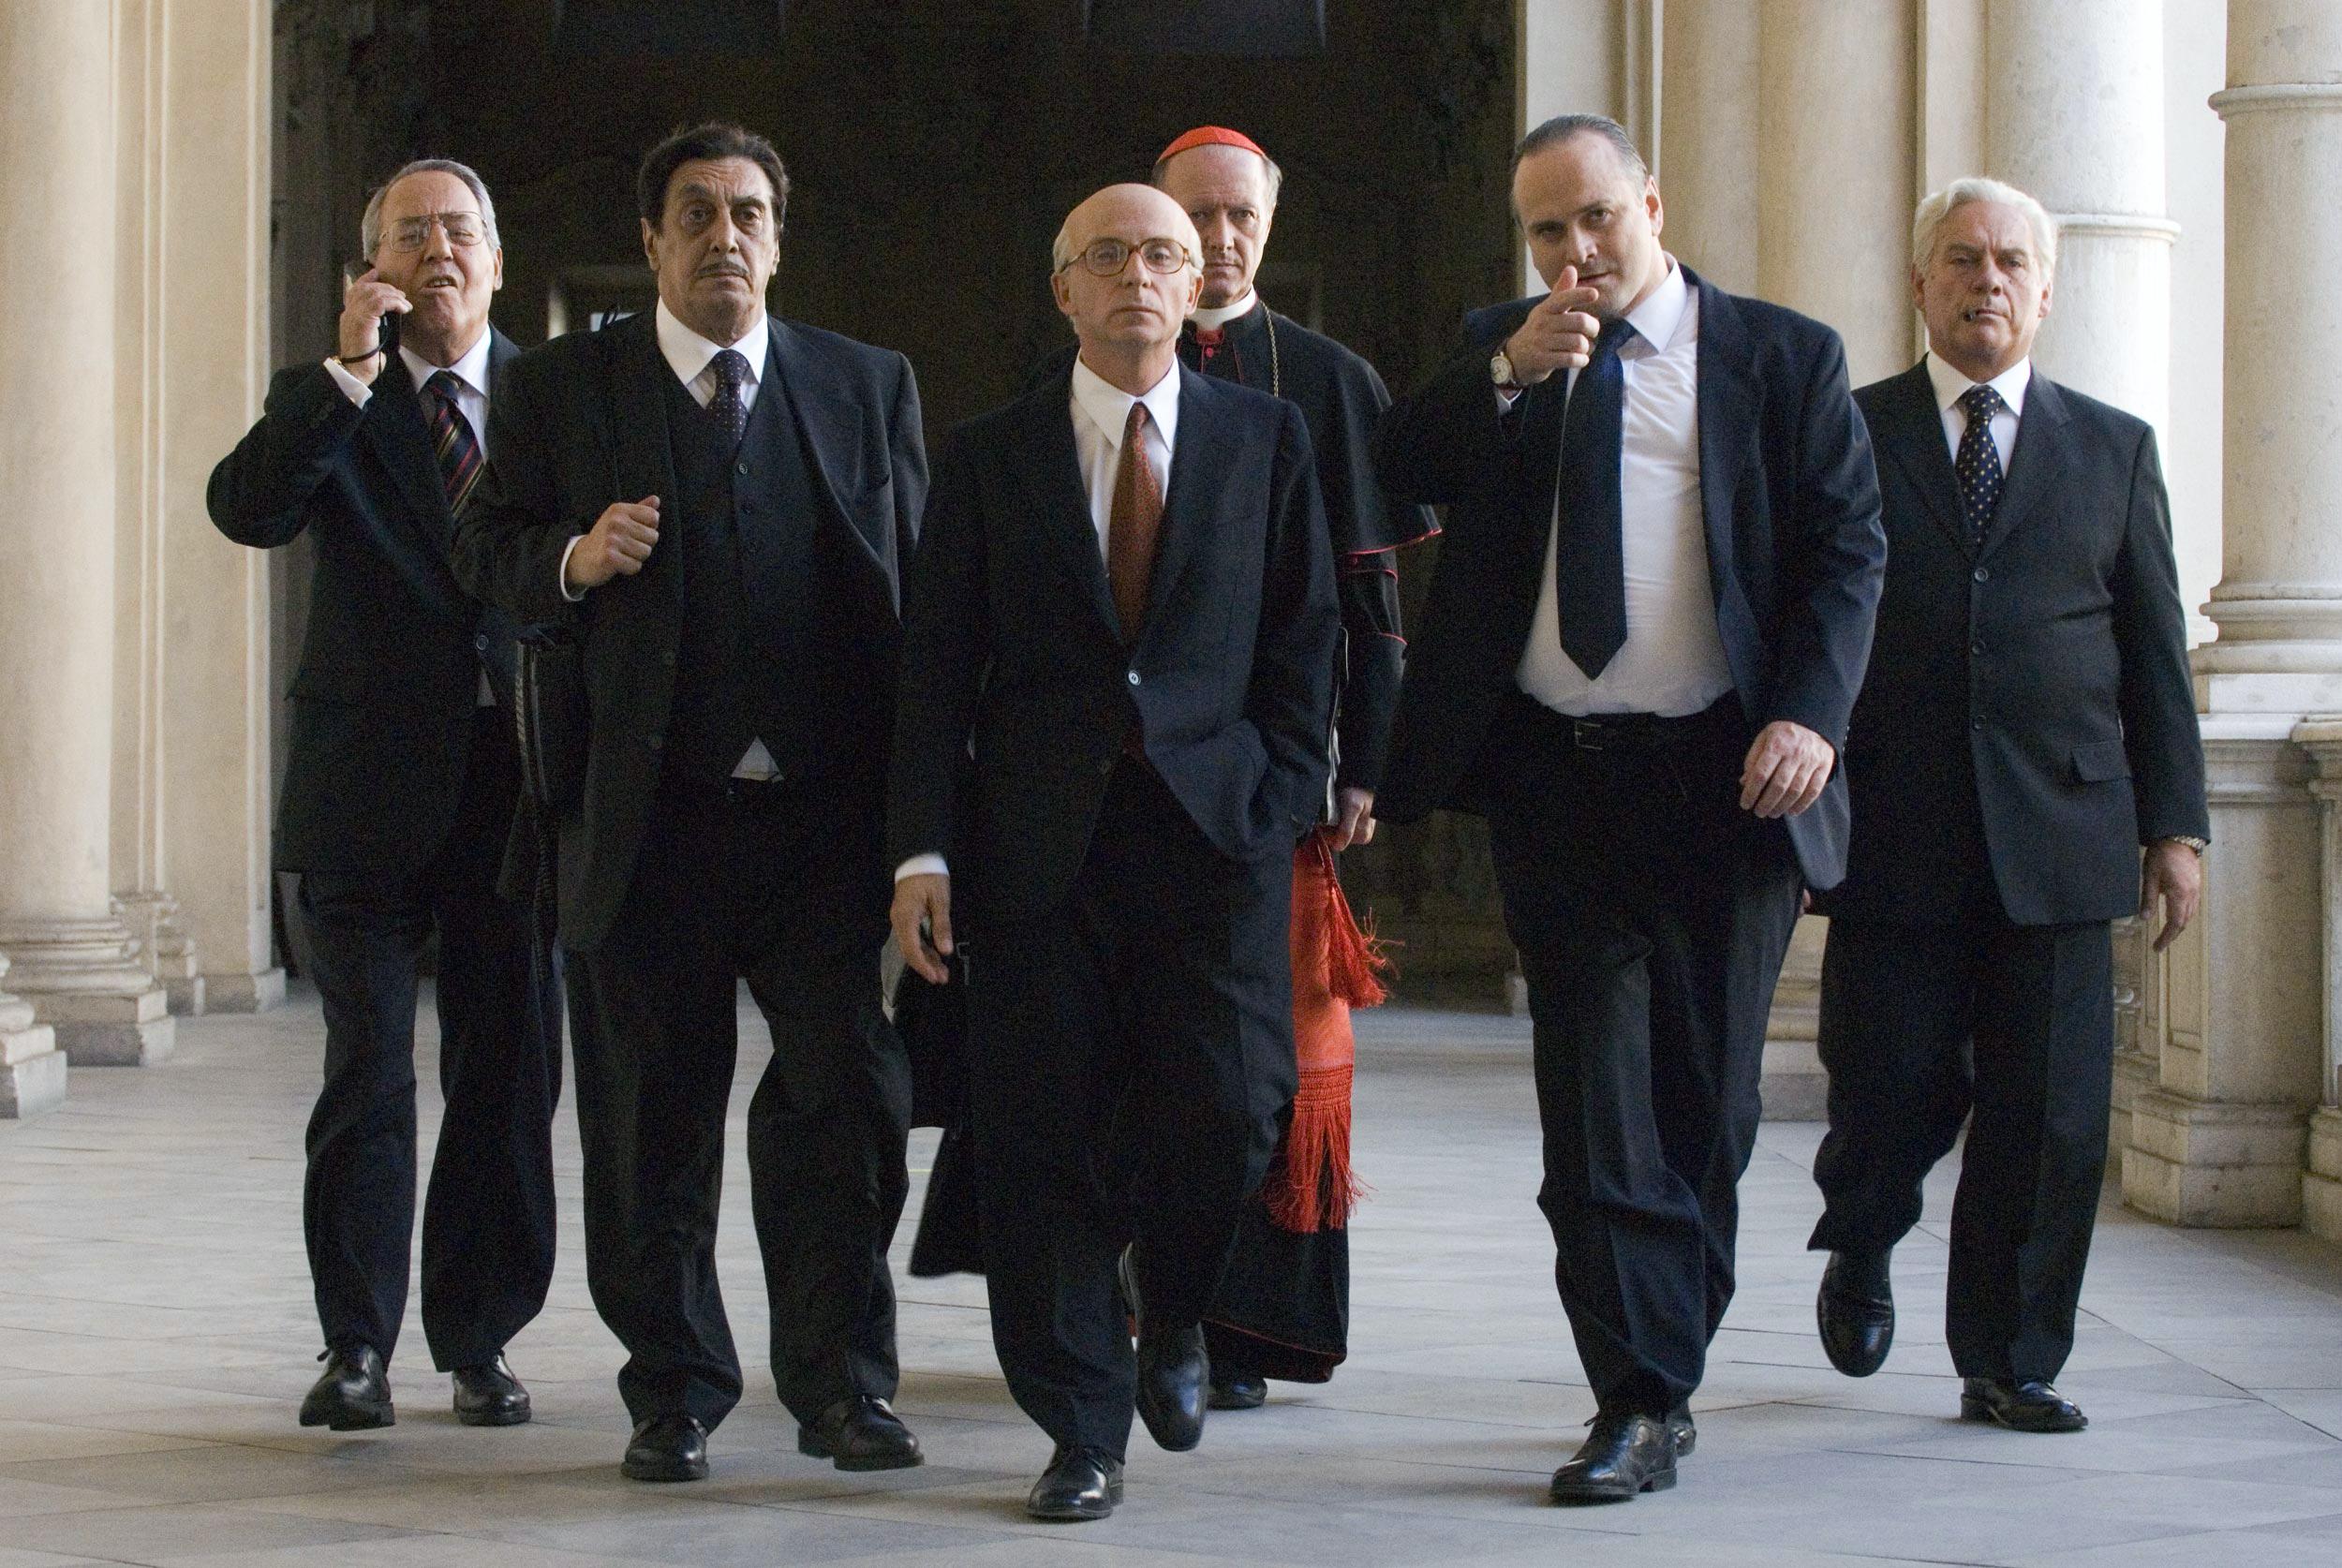 Il divo 2008 film usciti 2000 2017 film docu filmitalia - Il divo movie ...